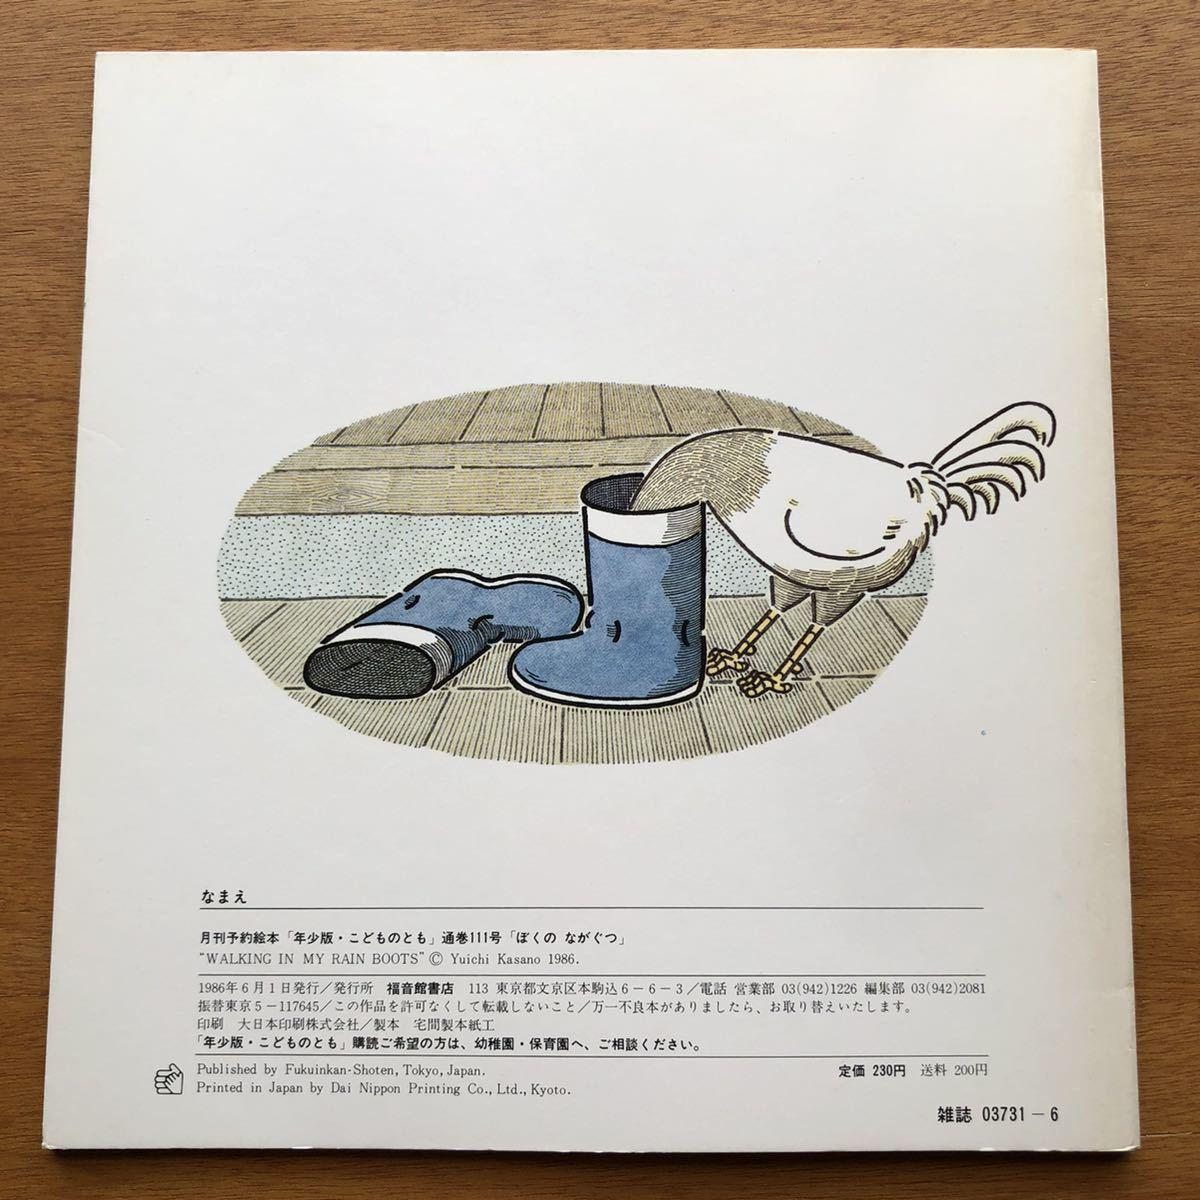 年少版こどものとも ぼくのながぐつ 笠野裕一 1986年 初版 絶版 雨 長靴 古い 絵本 昭和レトロ